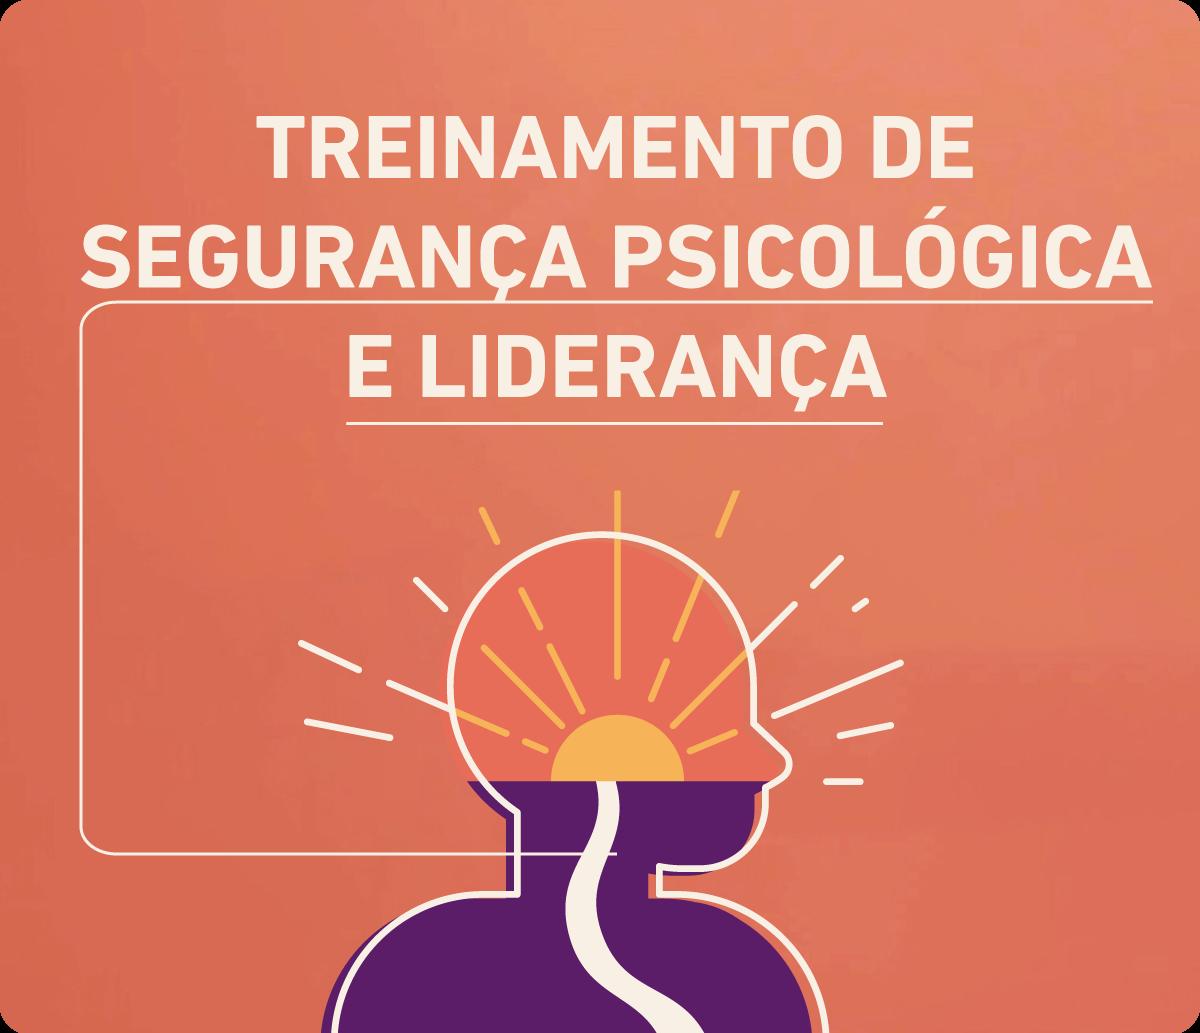 Imagem ilustrativa do Webinar Treinamento de segurança psicológica e liderança